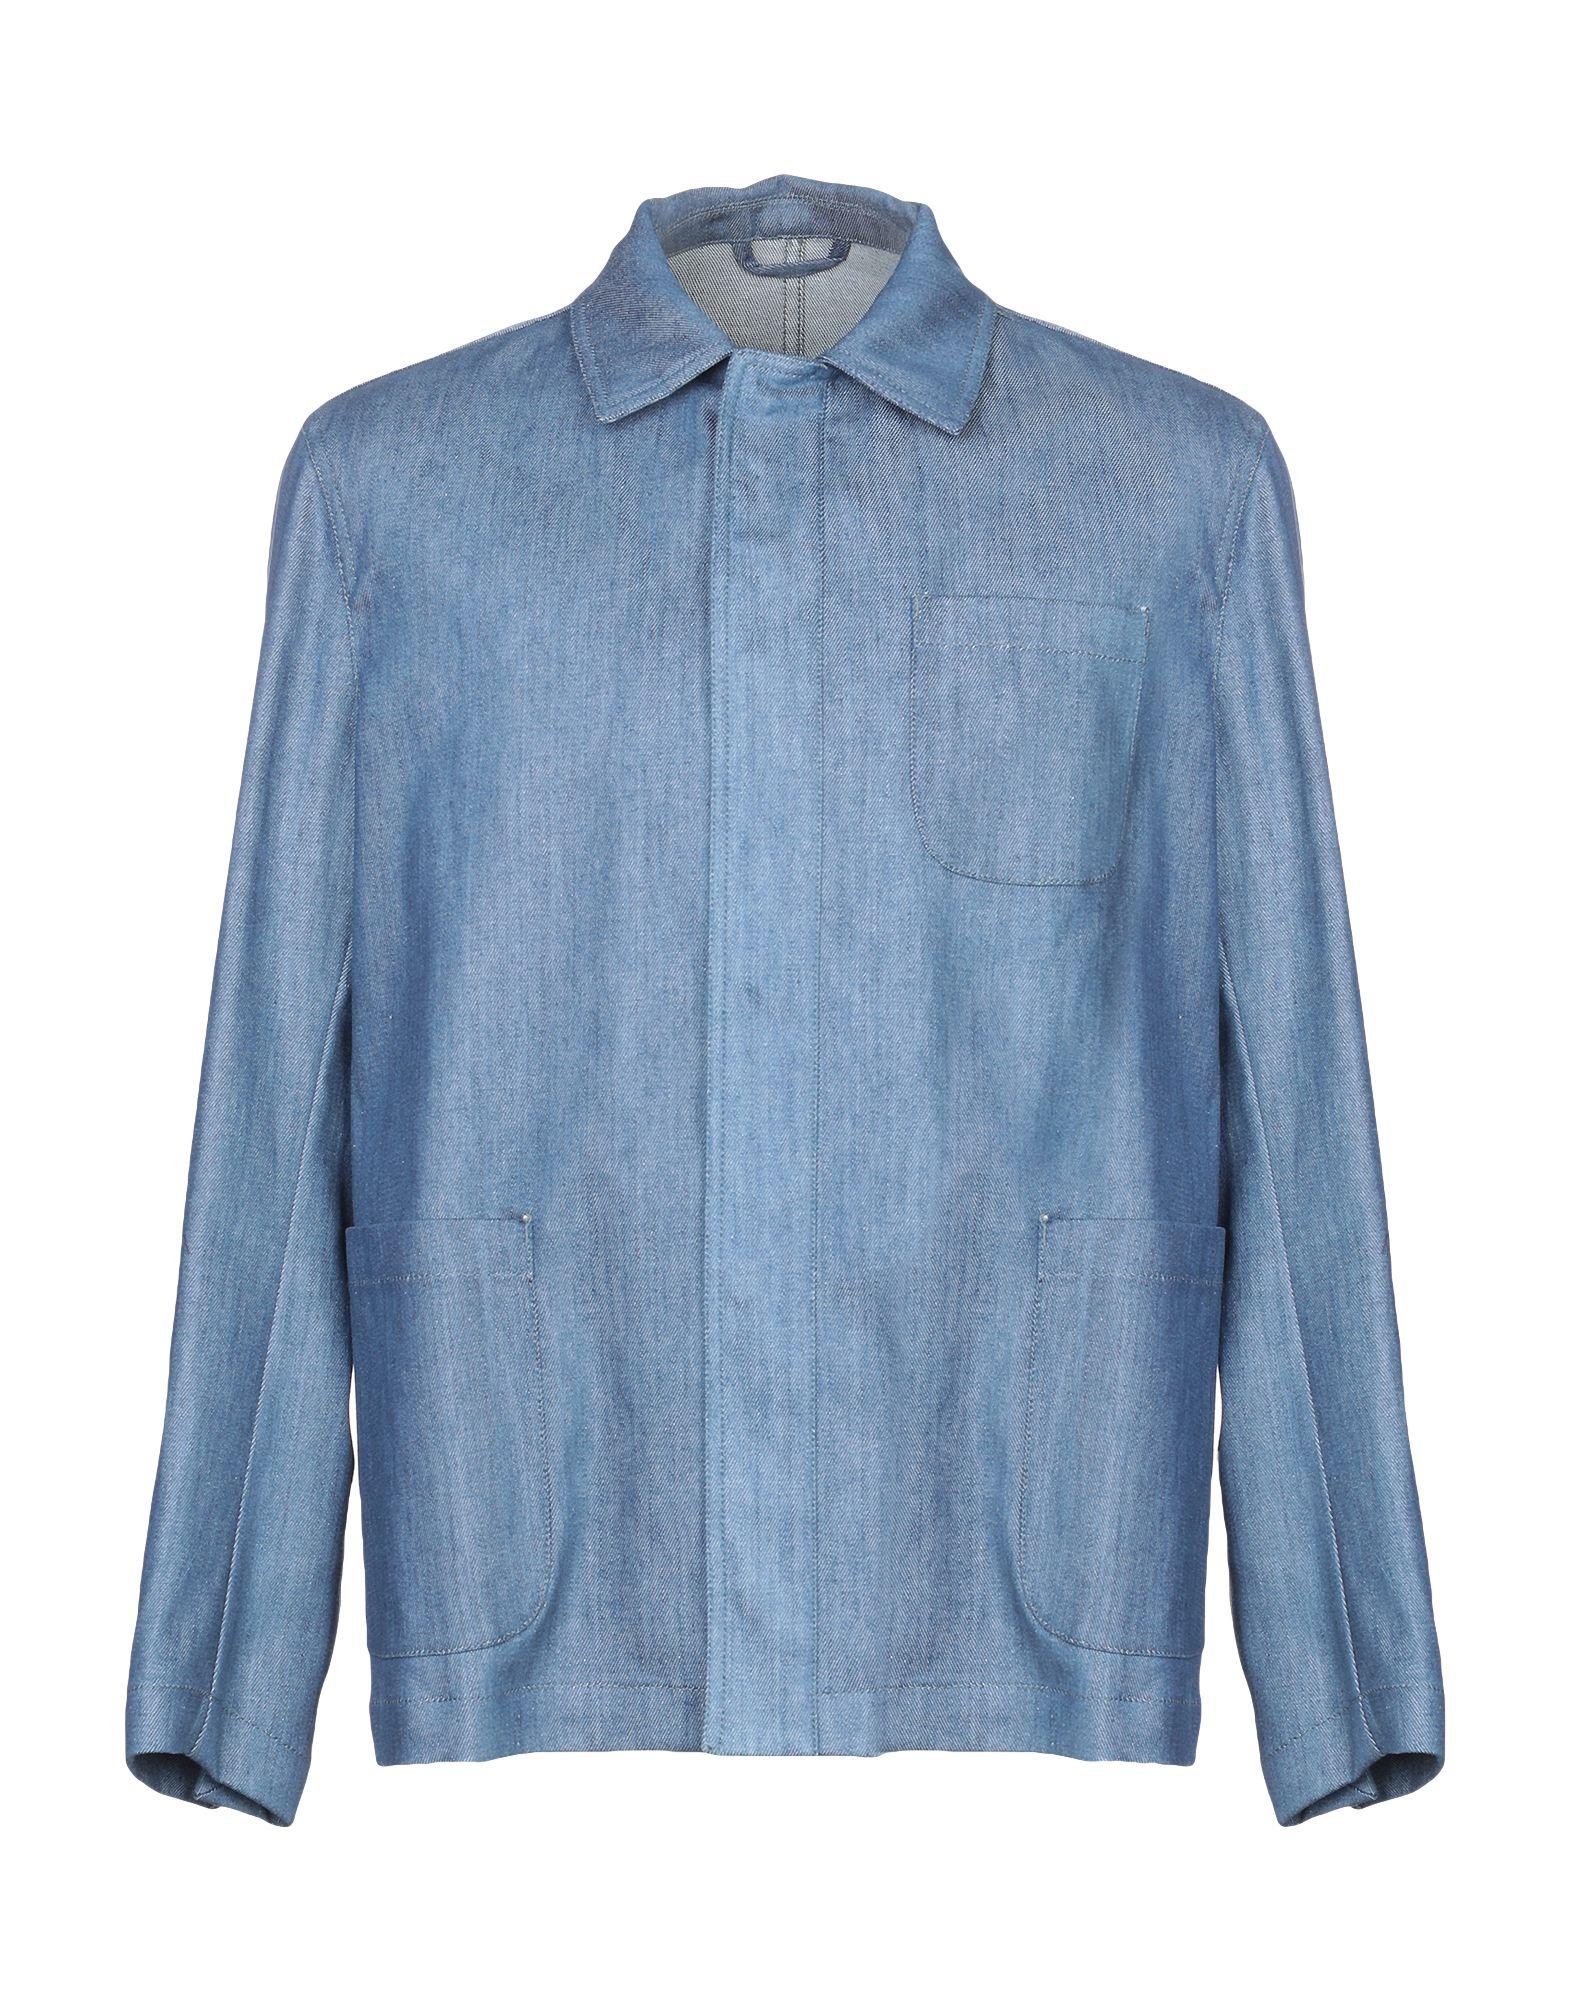 TONELLO Джинсовая верхняя одежда брендовая одежда